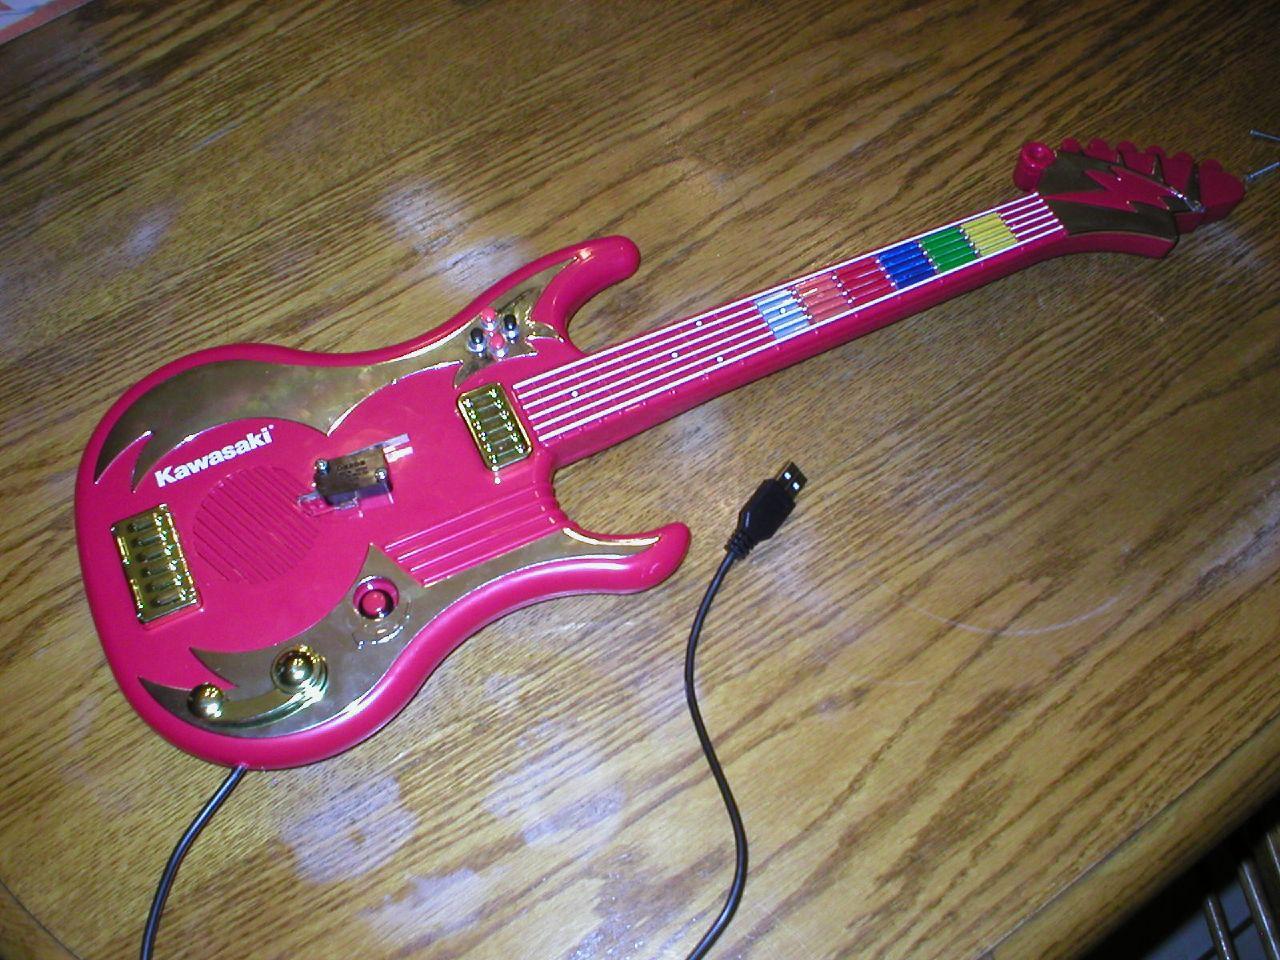 medium resolution of guitar hero guitar wiring diagram wiring diagrams scematic single humbucker wiring diagram guitar hero guitar wiring diagram